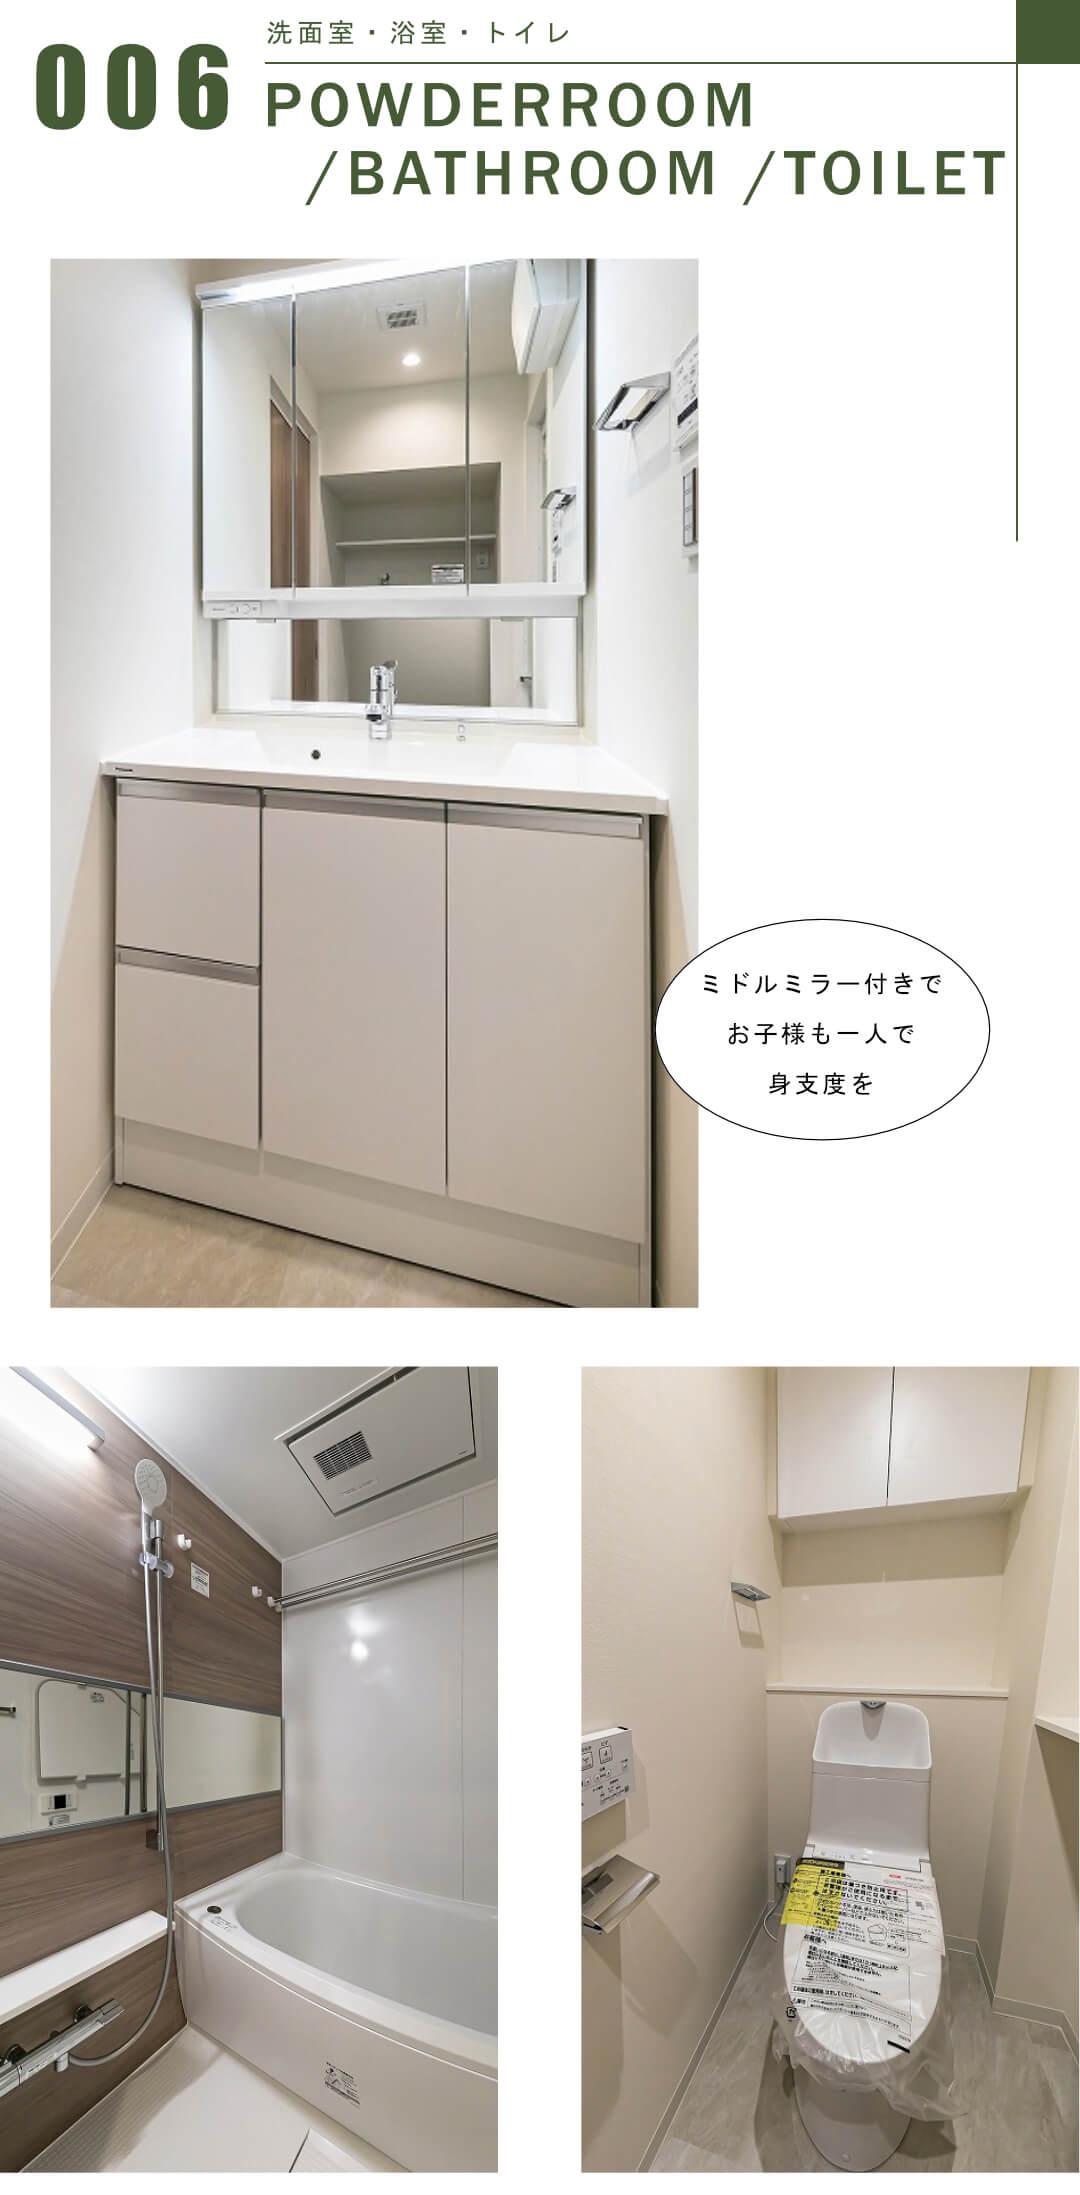 ユニーブル成増 A-103号室の洗面室・浴室・トイレ